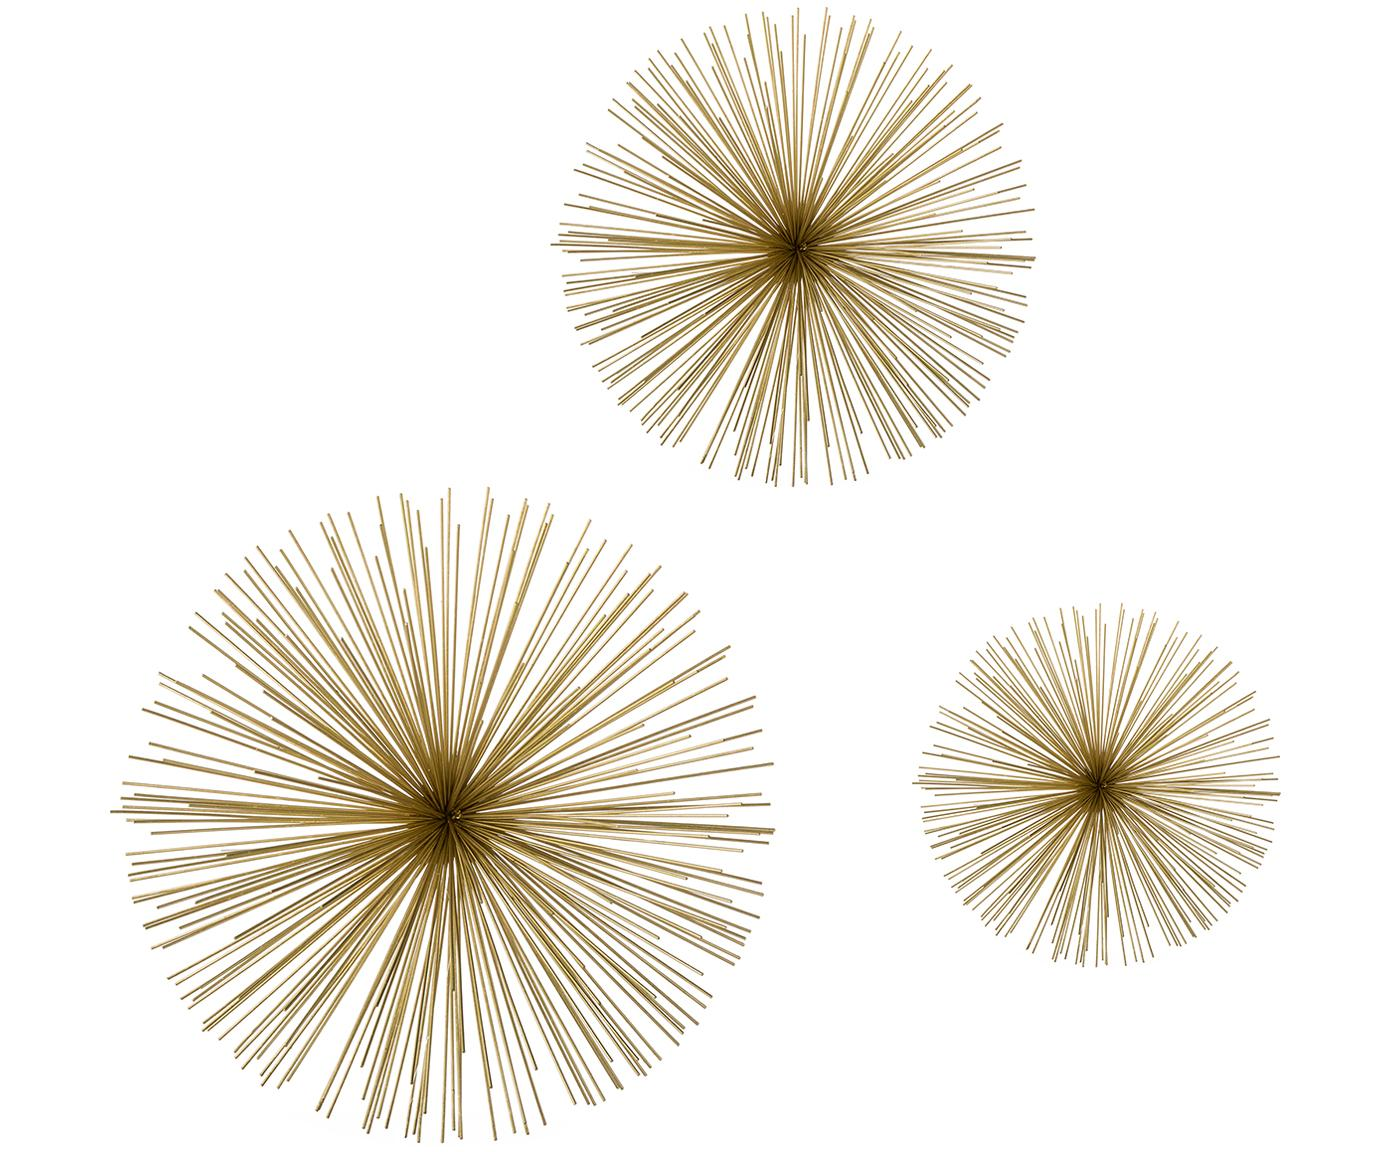 Komplet dekoracji ściennych z metalu Ray, 3 elem., Metal, Odcienie złotego, Różne rozmiary